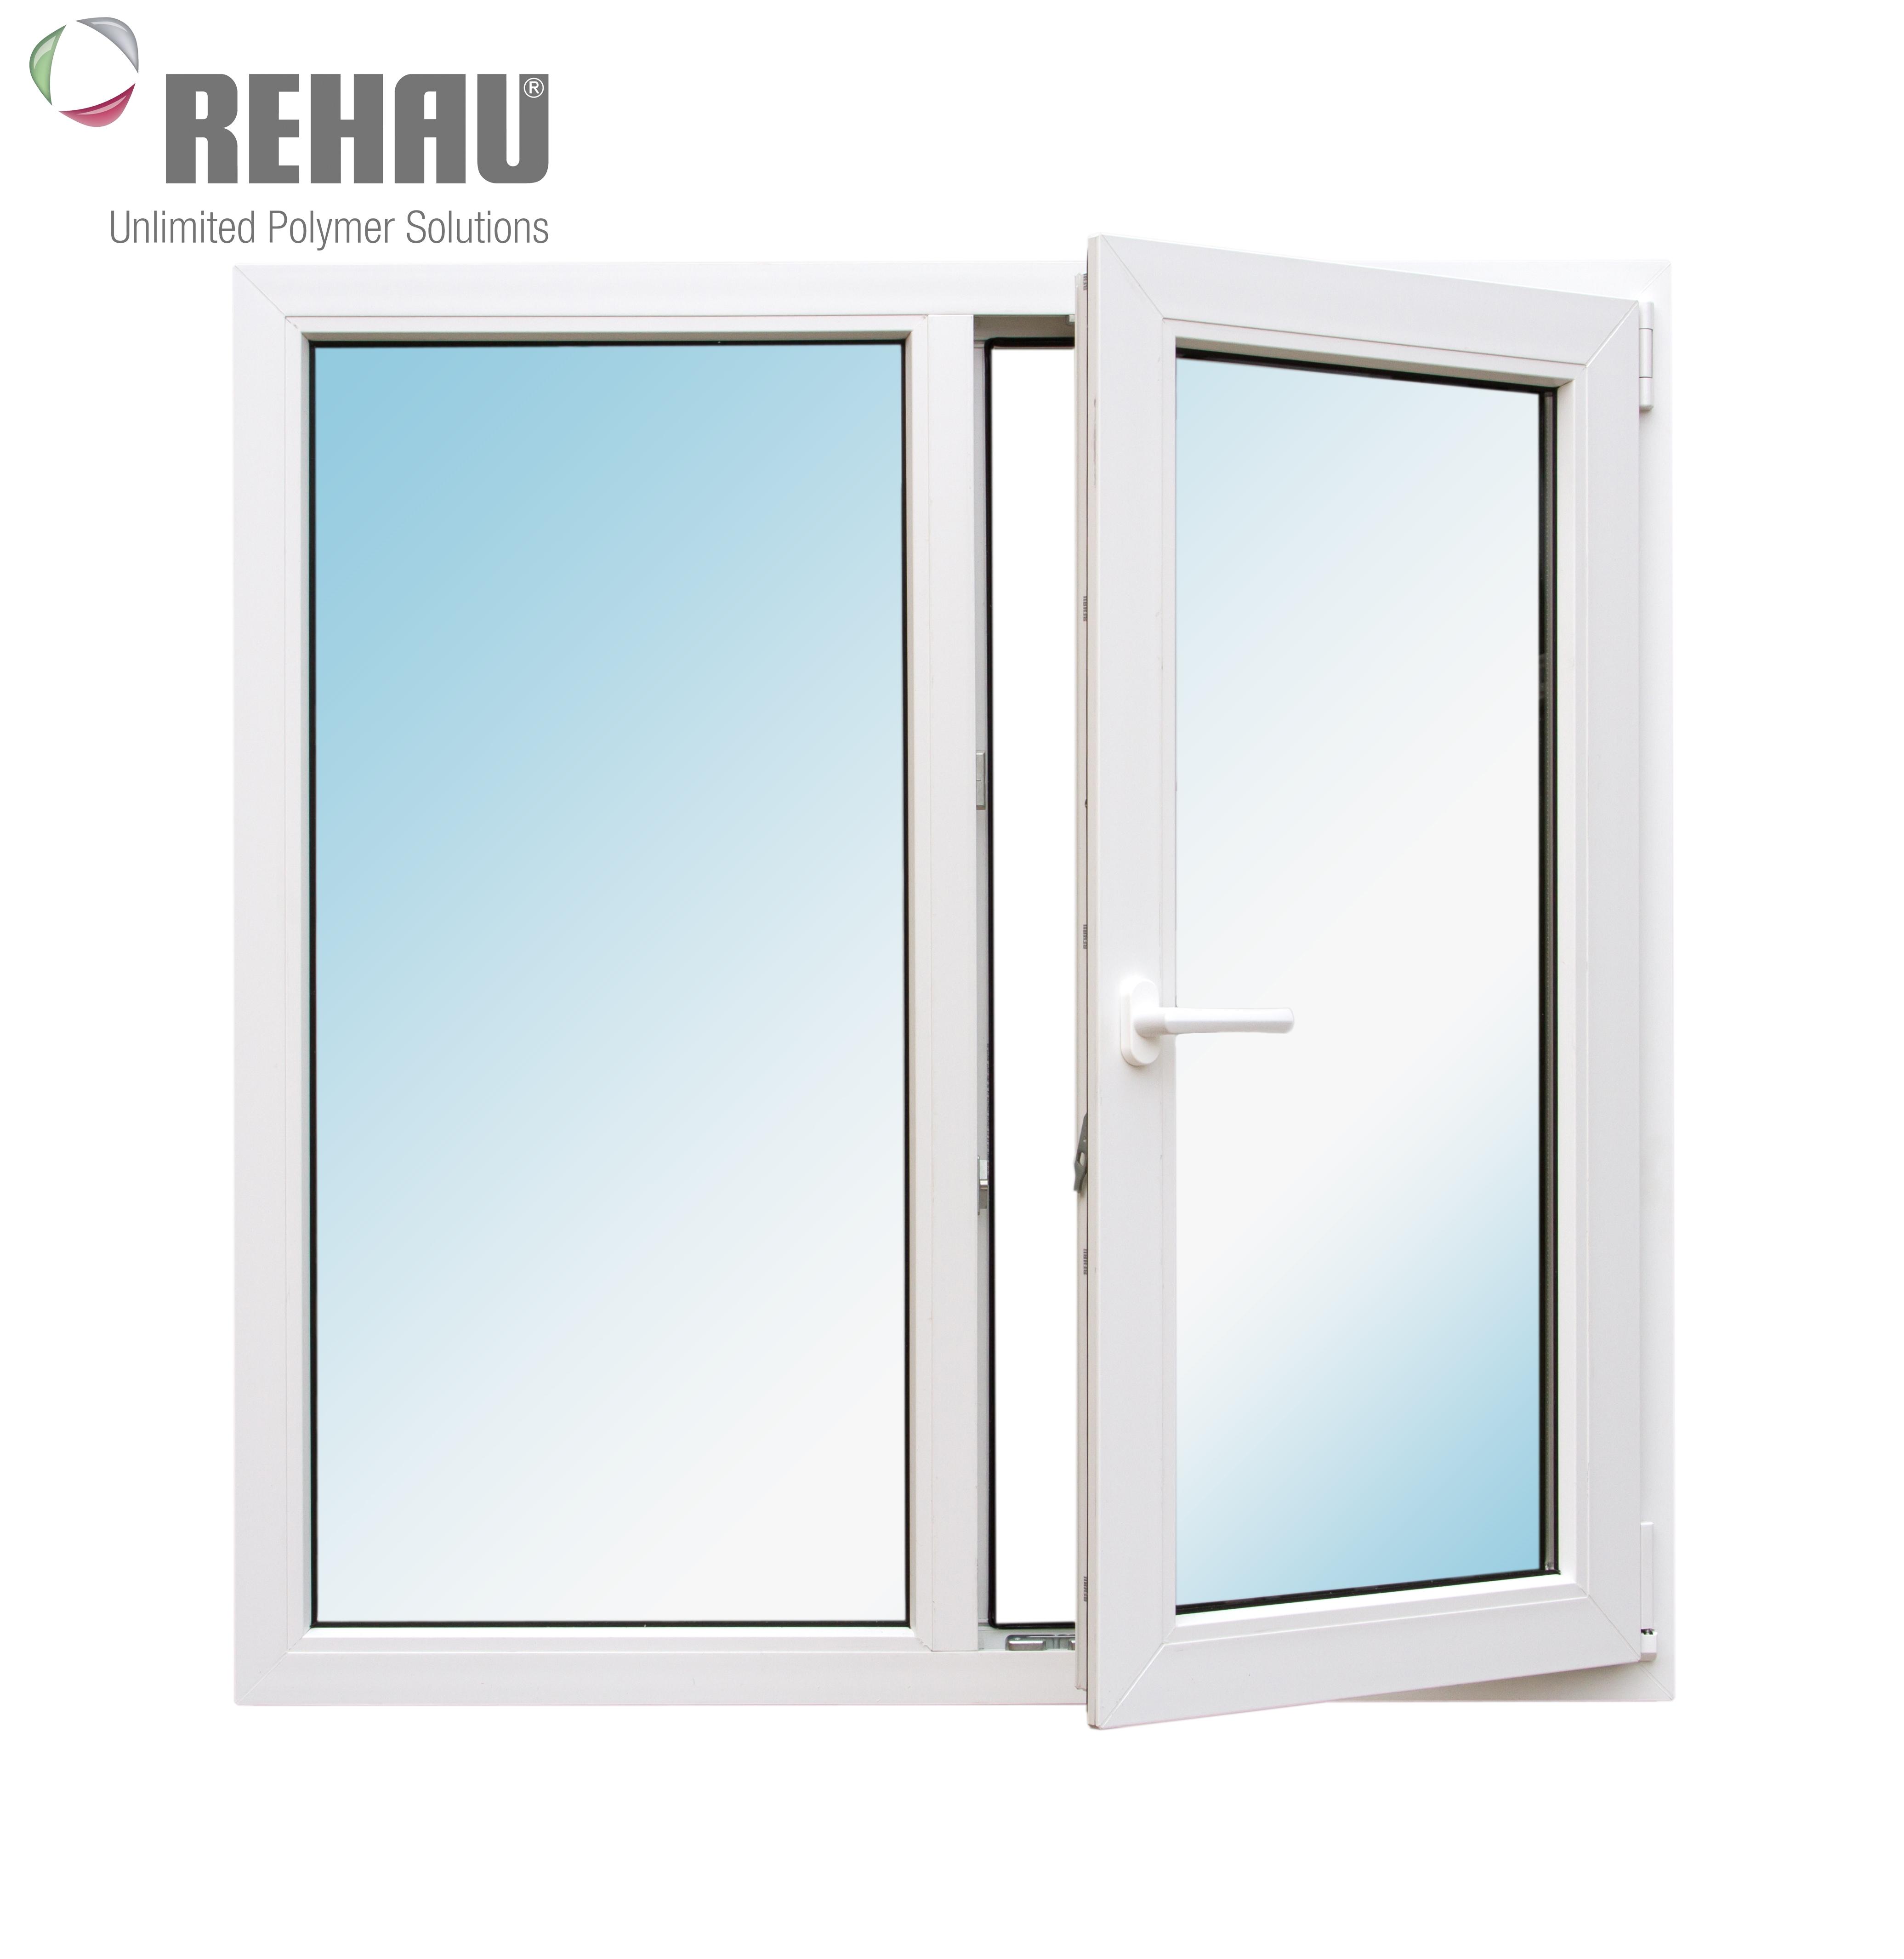 Окно металлопластиковое белое  Rehau Blitz 1200х1200 мм, поворотно-откидное правое